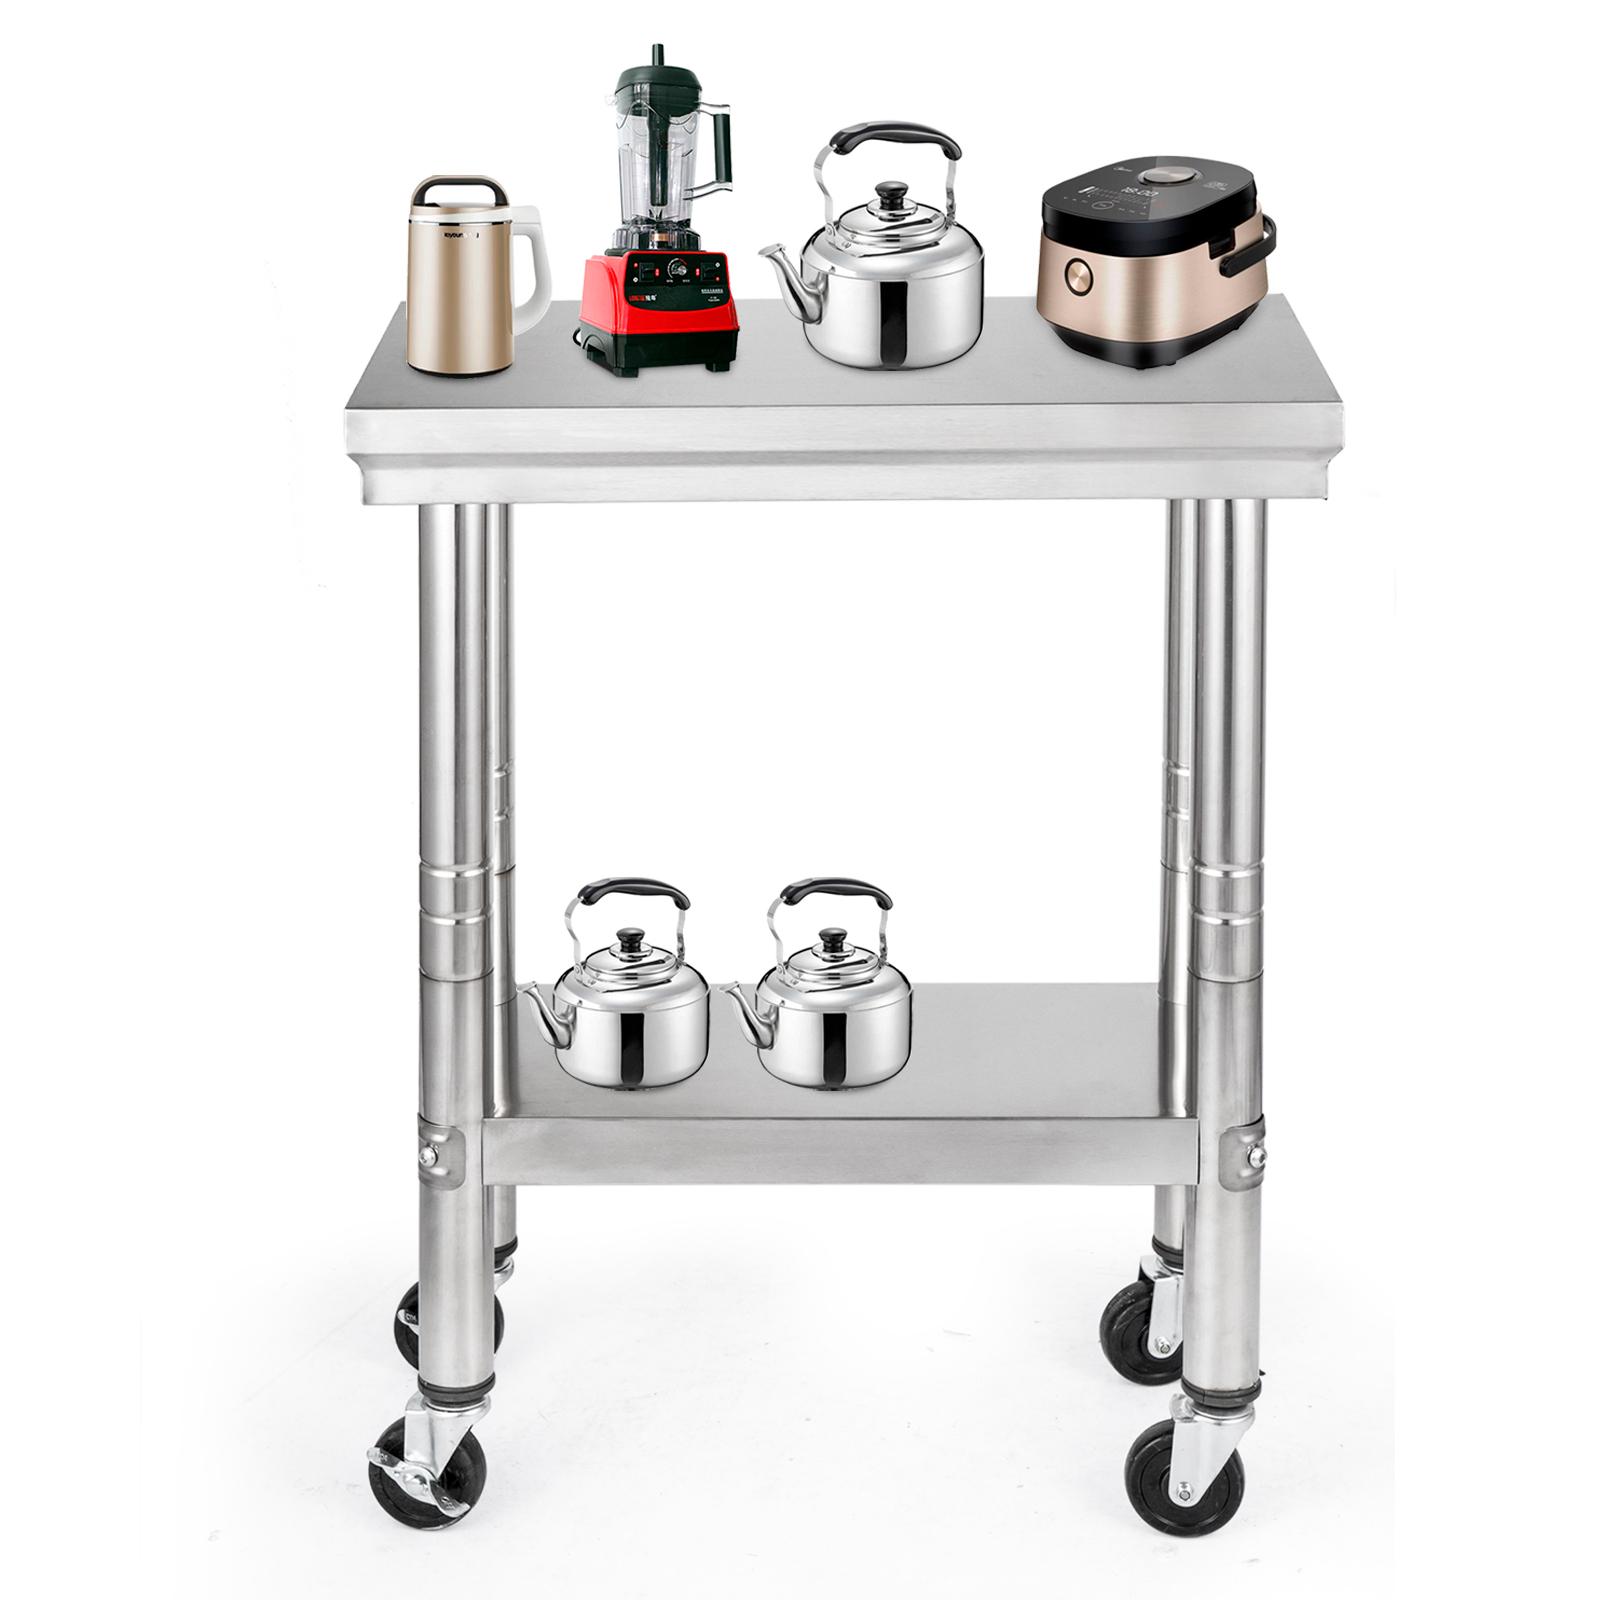 Edelstahl Küchentisch Arbeitstisch Gastro Tisch